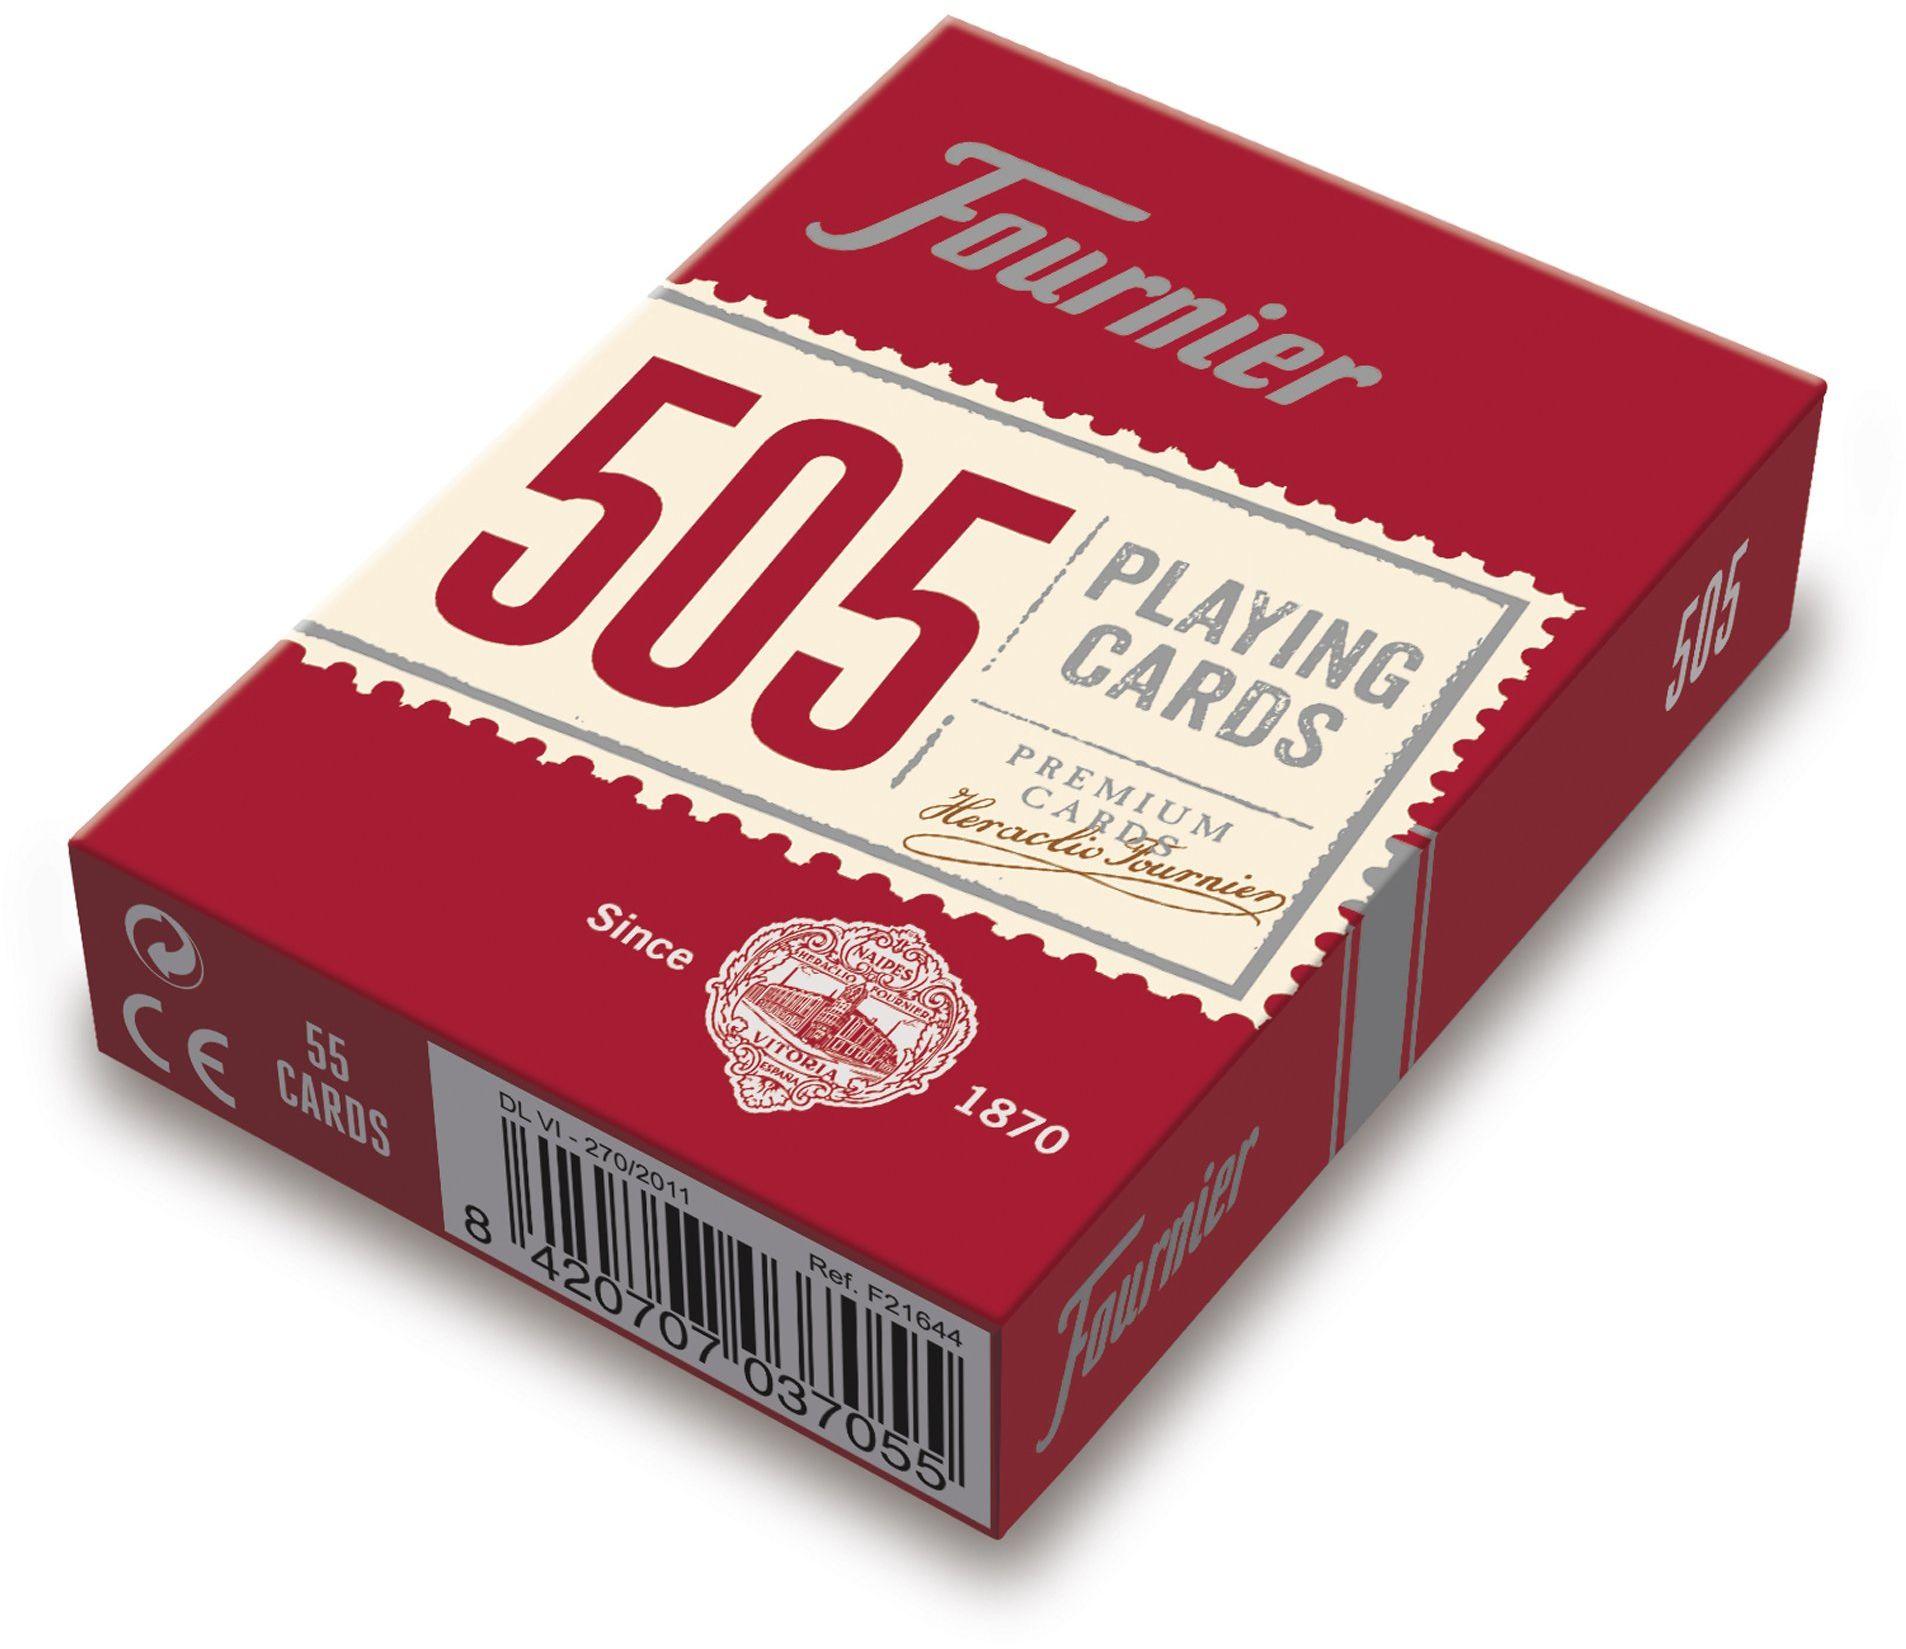 FOURNIER F21644 nr 505 klasyczna poker karty do gry, czerwona lub niebieska